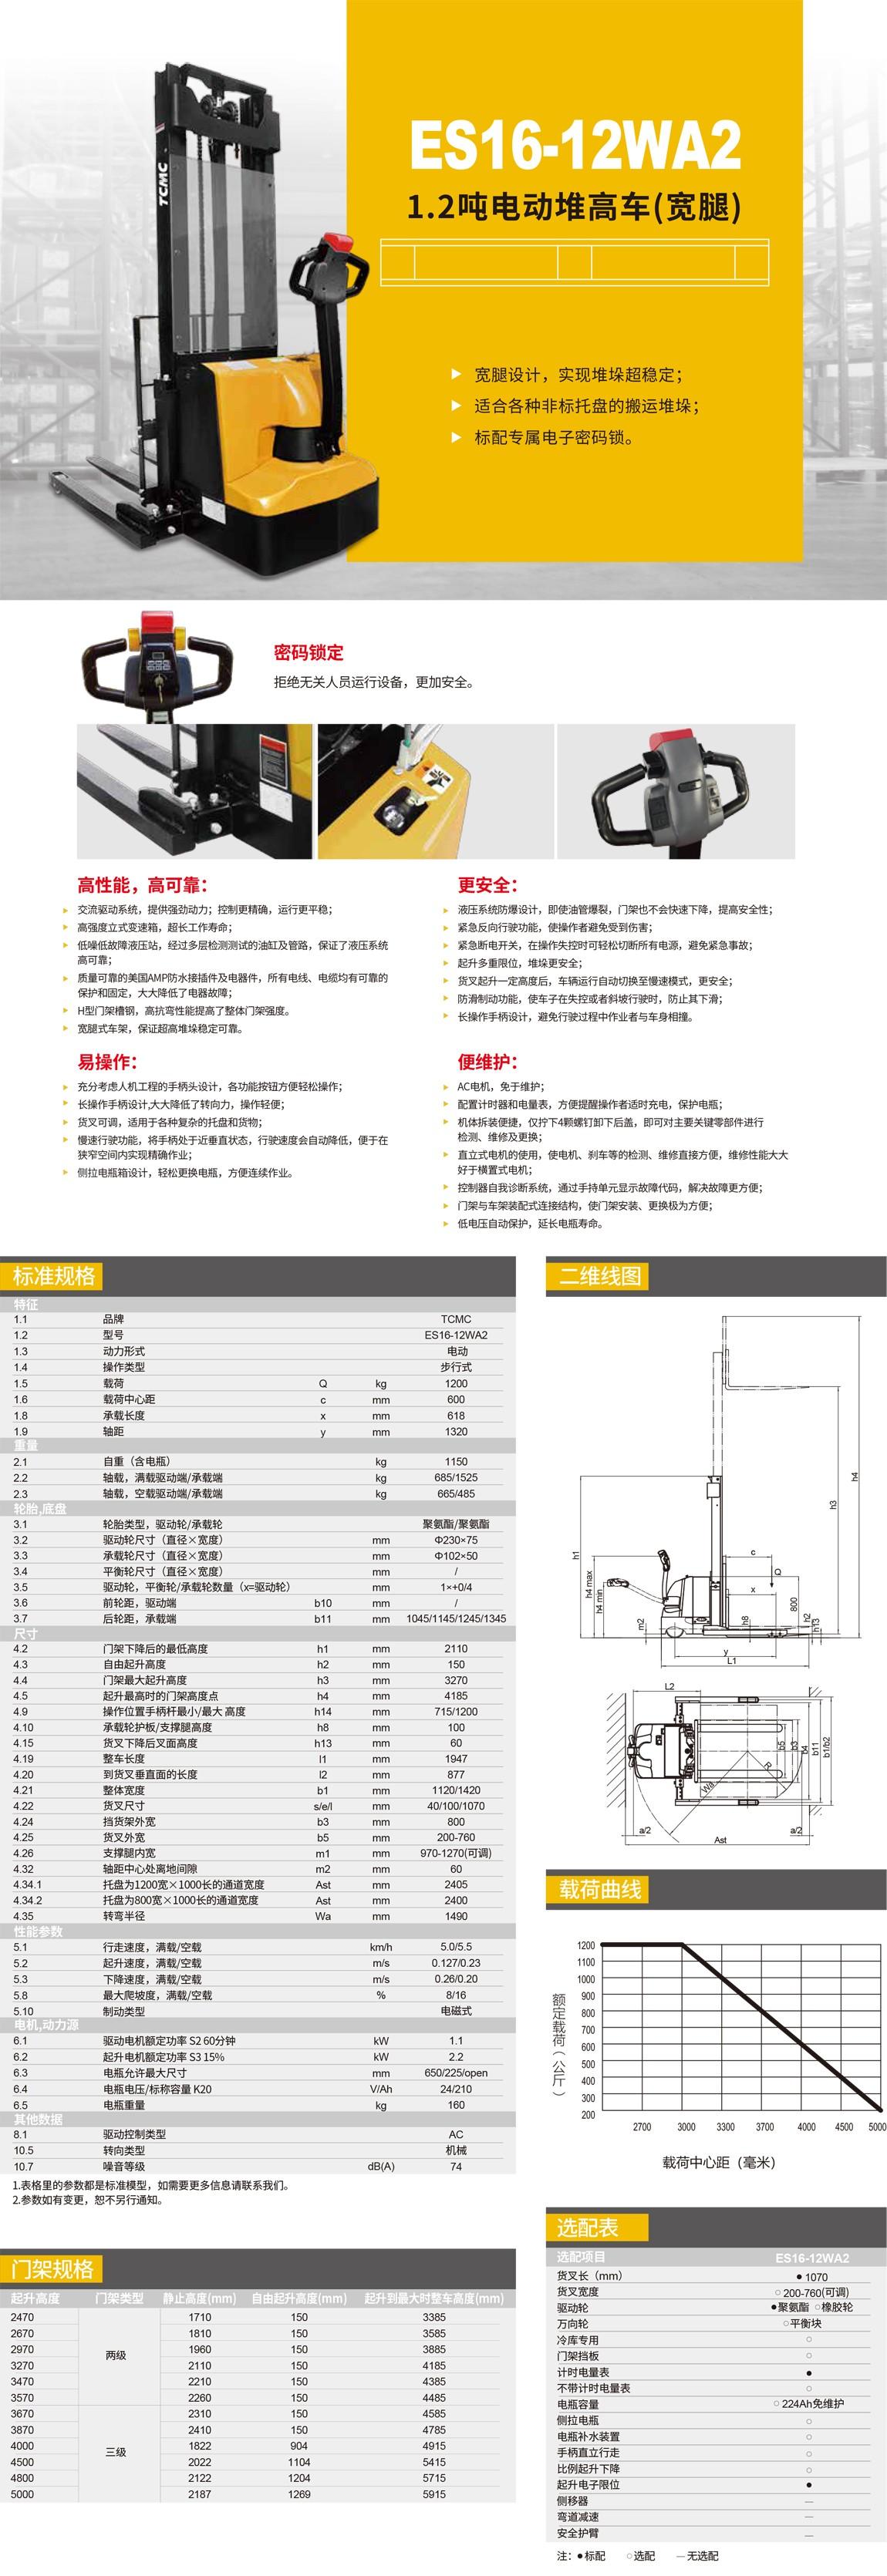 1.2吨电动堆高车(宽腿).jpg